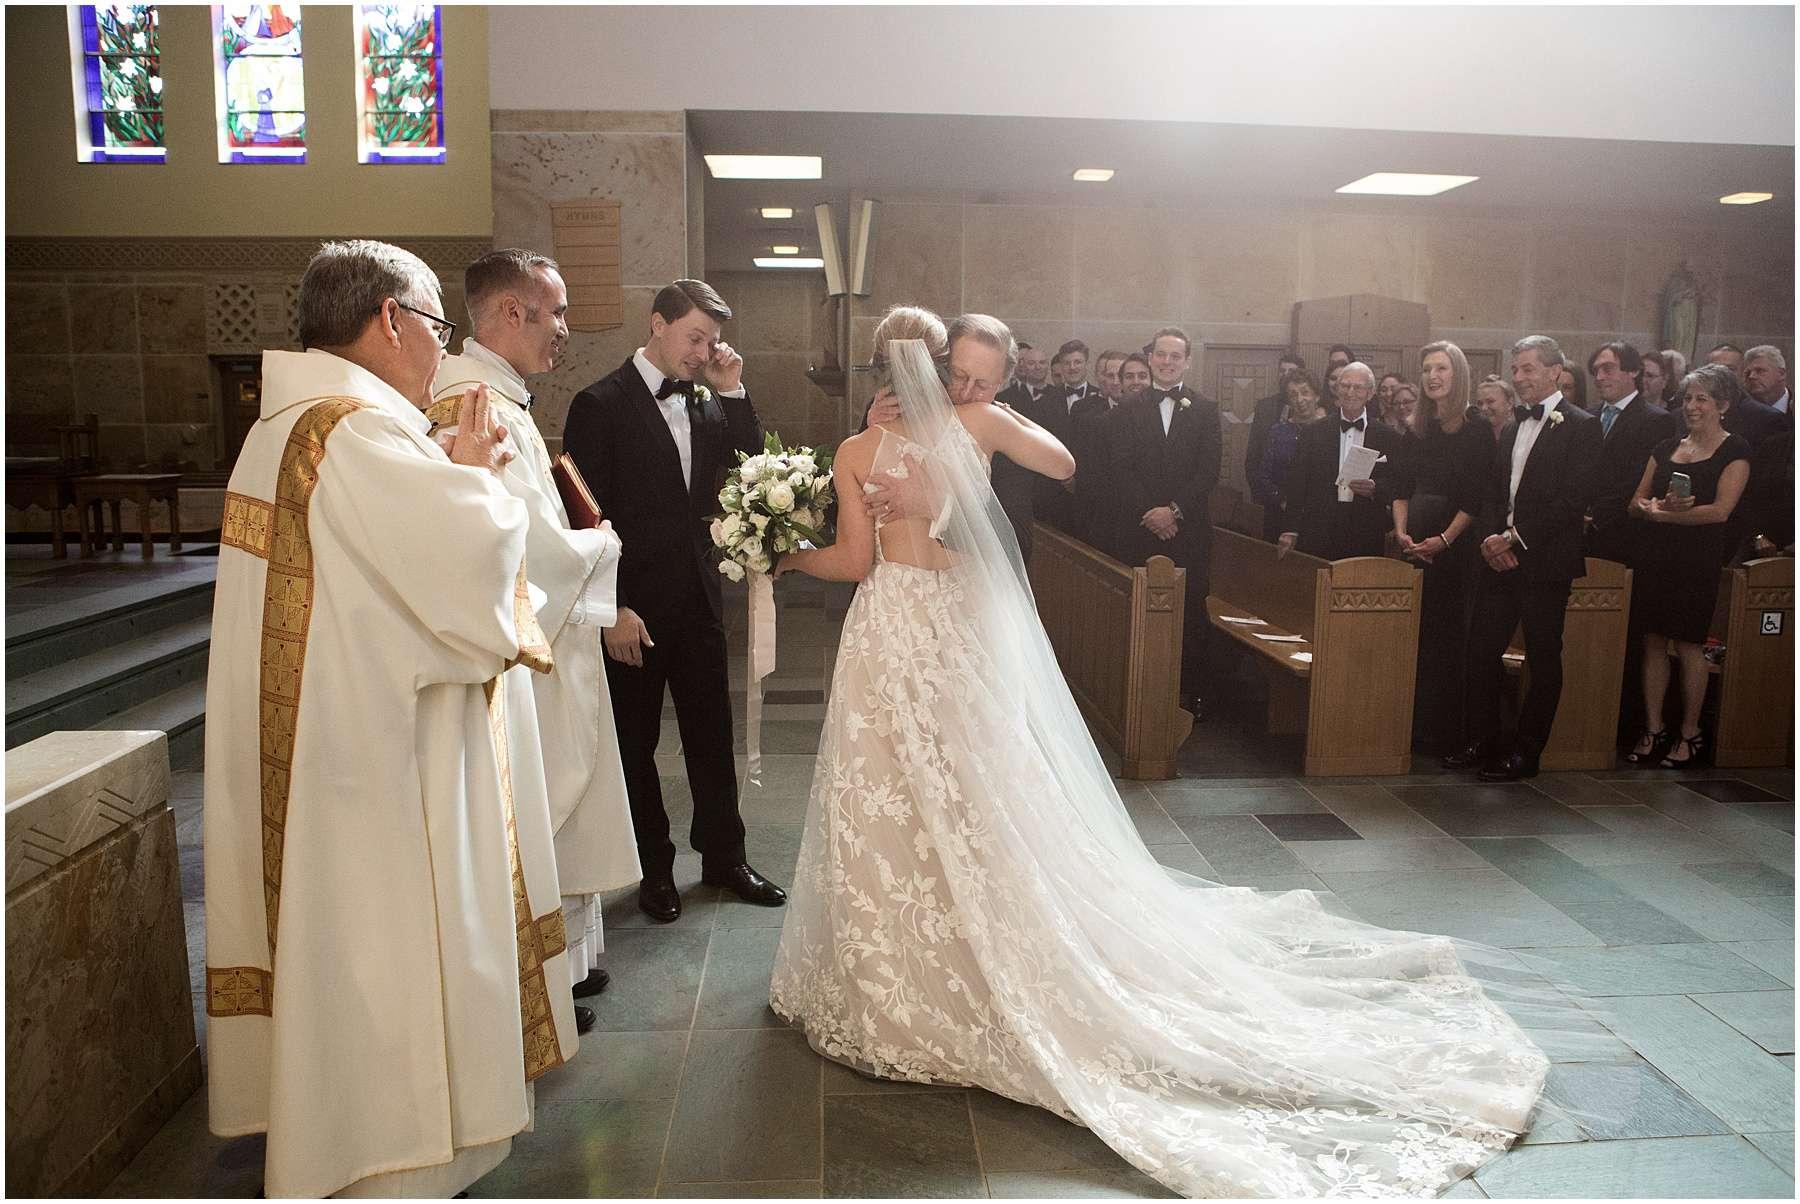 Wedding at the Ohio Statehouse | Columbus Ohio Weddings 88